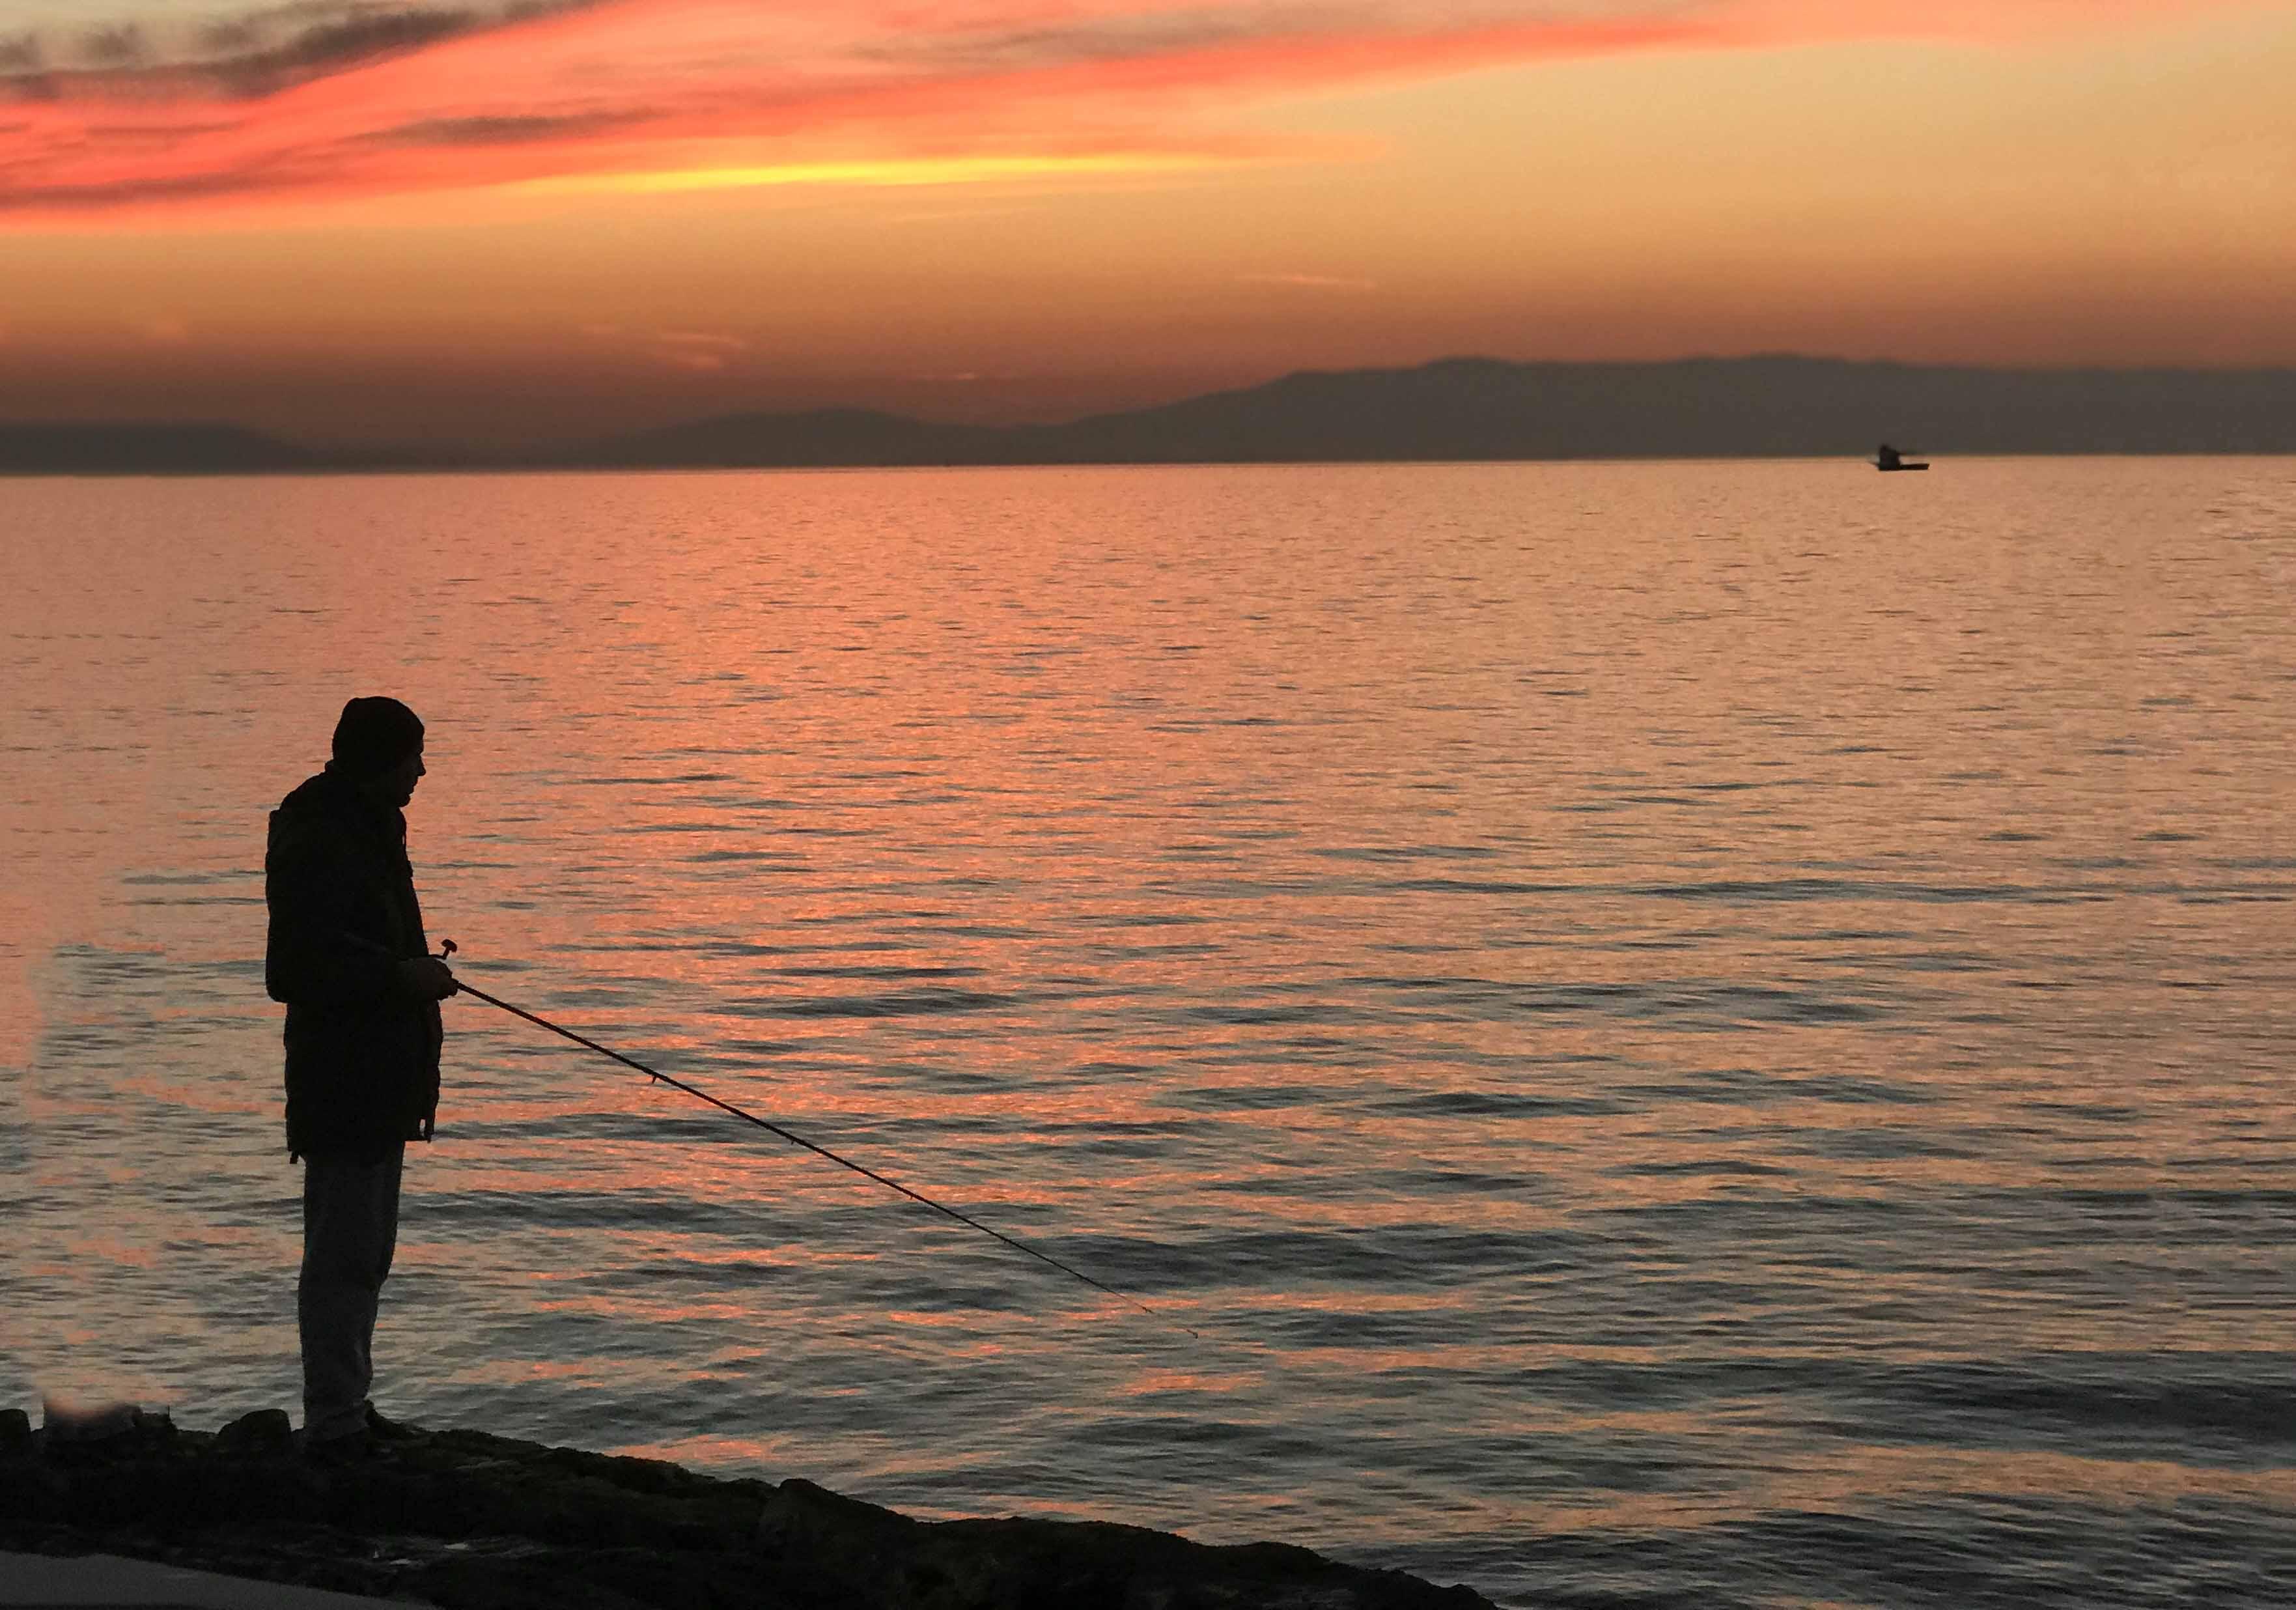 Fishing during dusk on a vast lake.